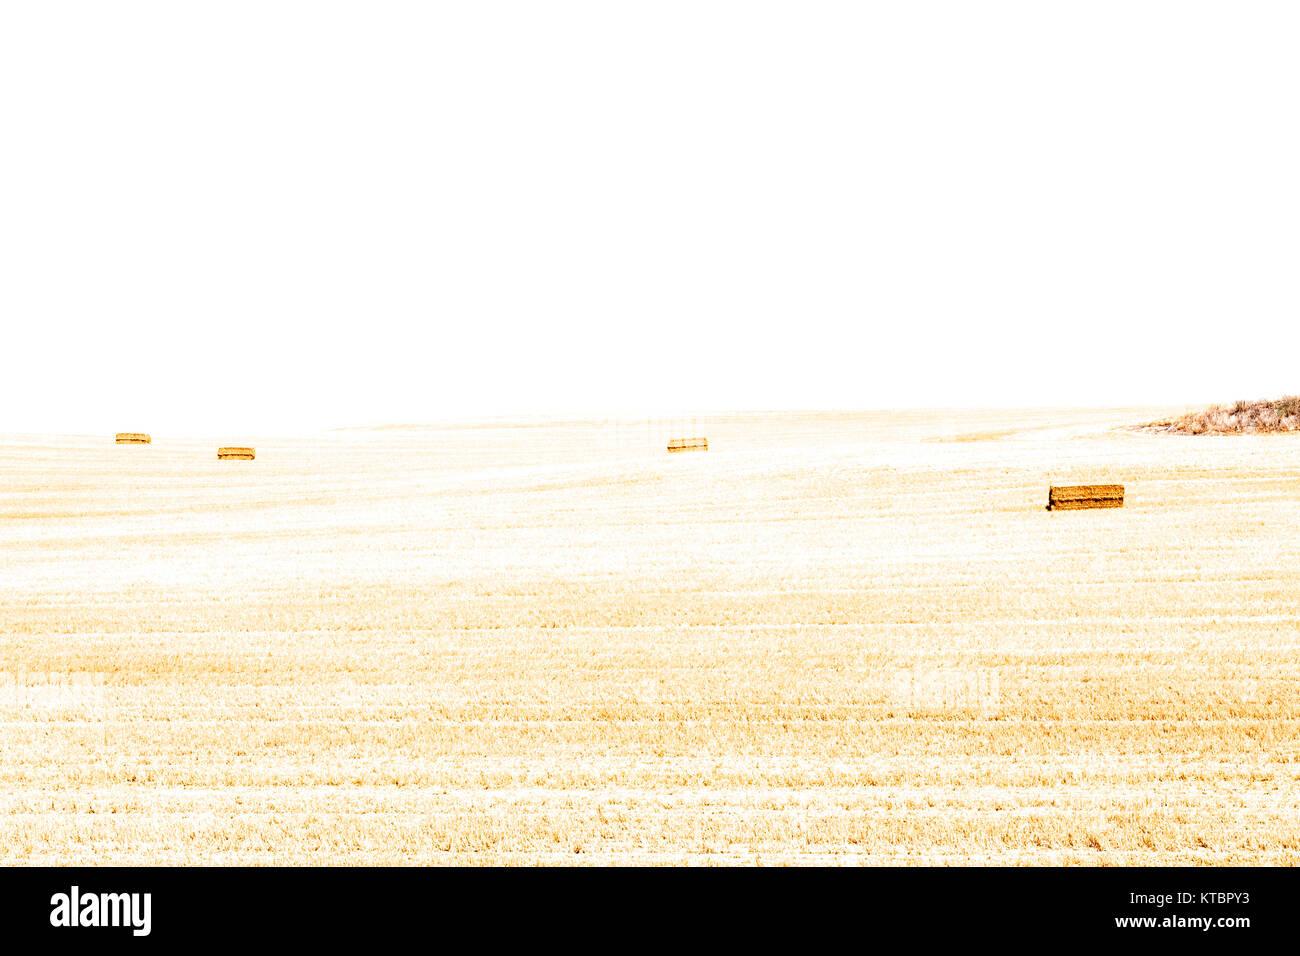 Alpacas de paja. Segovia. Castilla León. España. Ciudad patrimonio de la humanidad. Unesco. - Stock Image